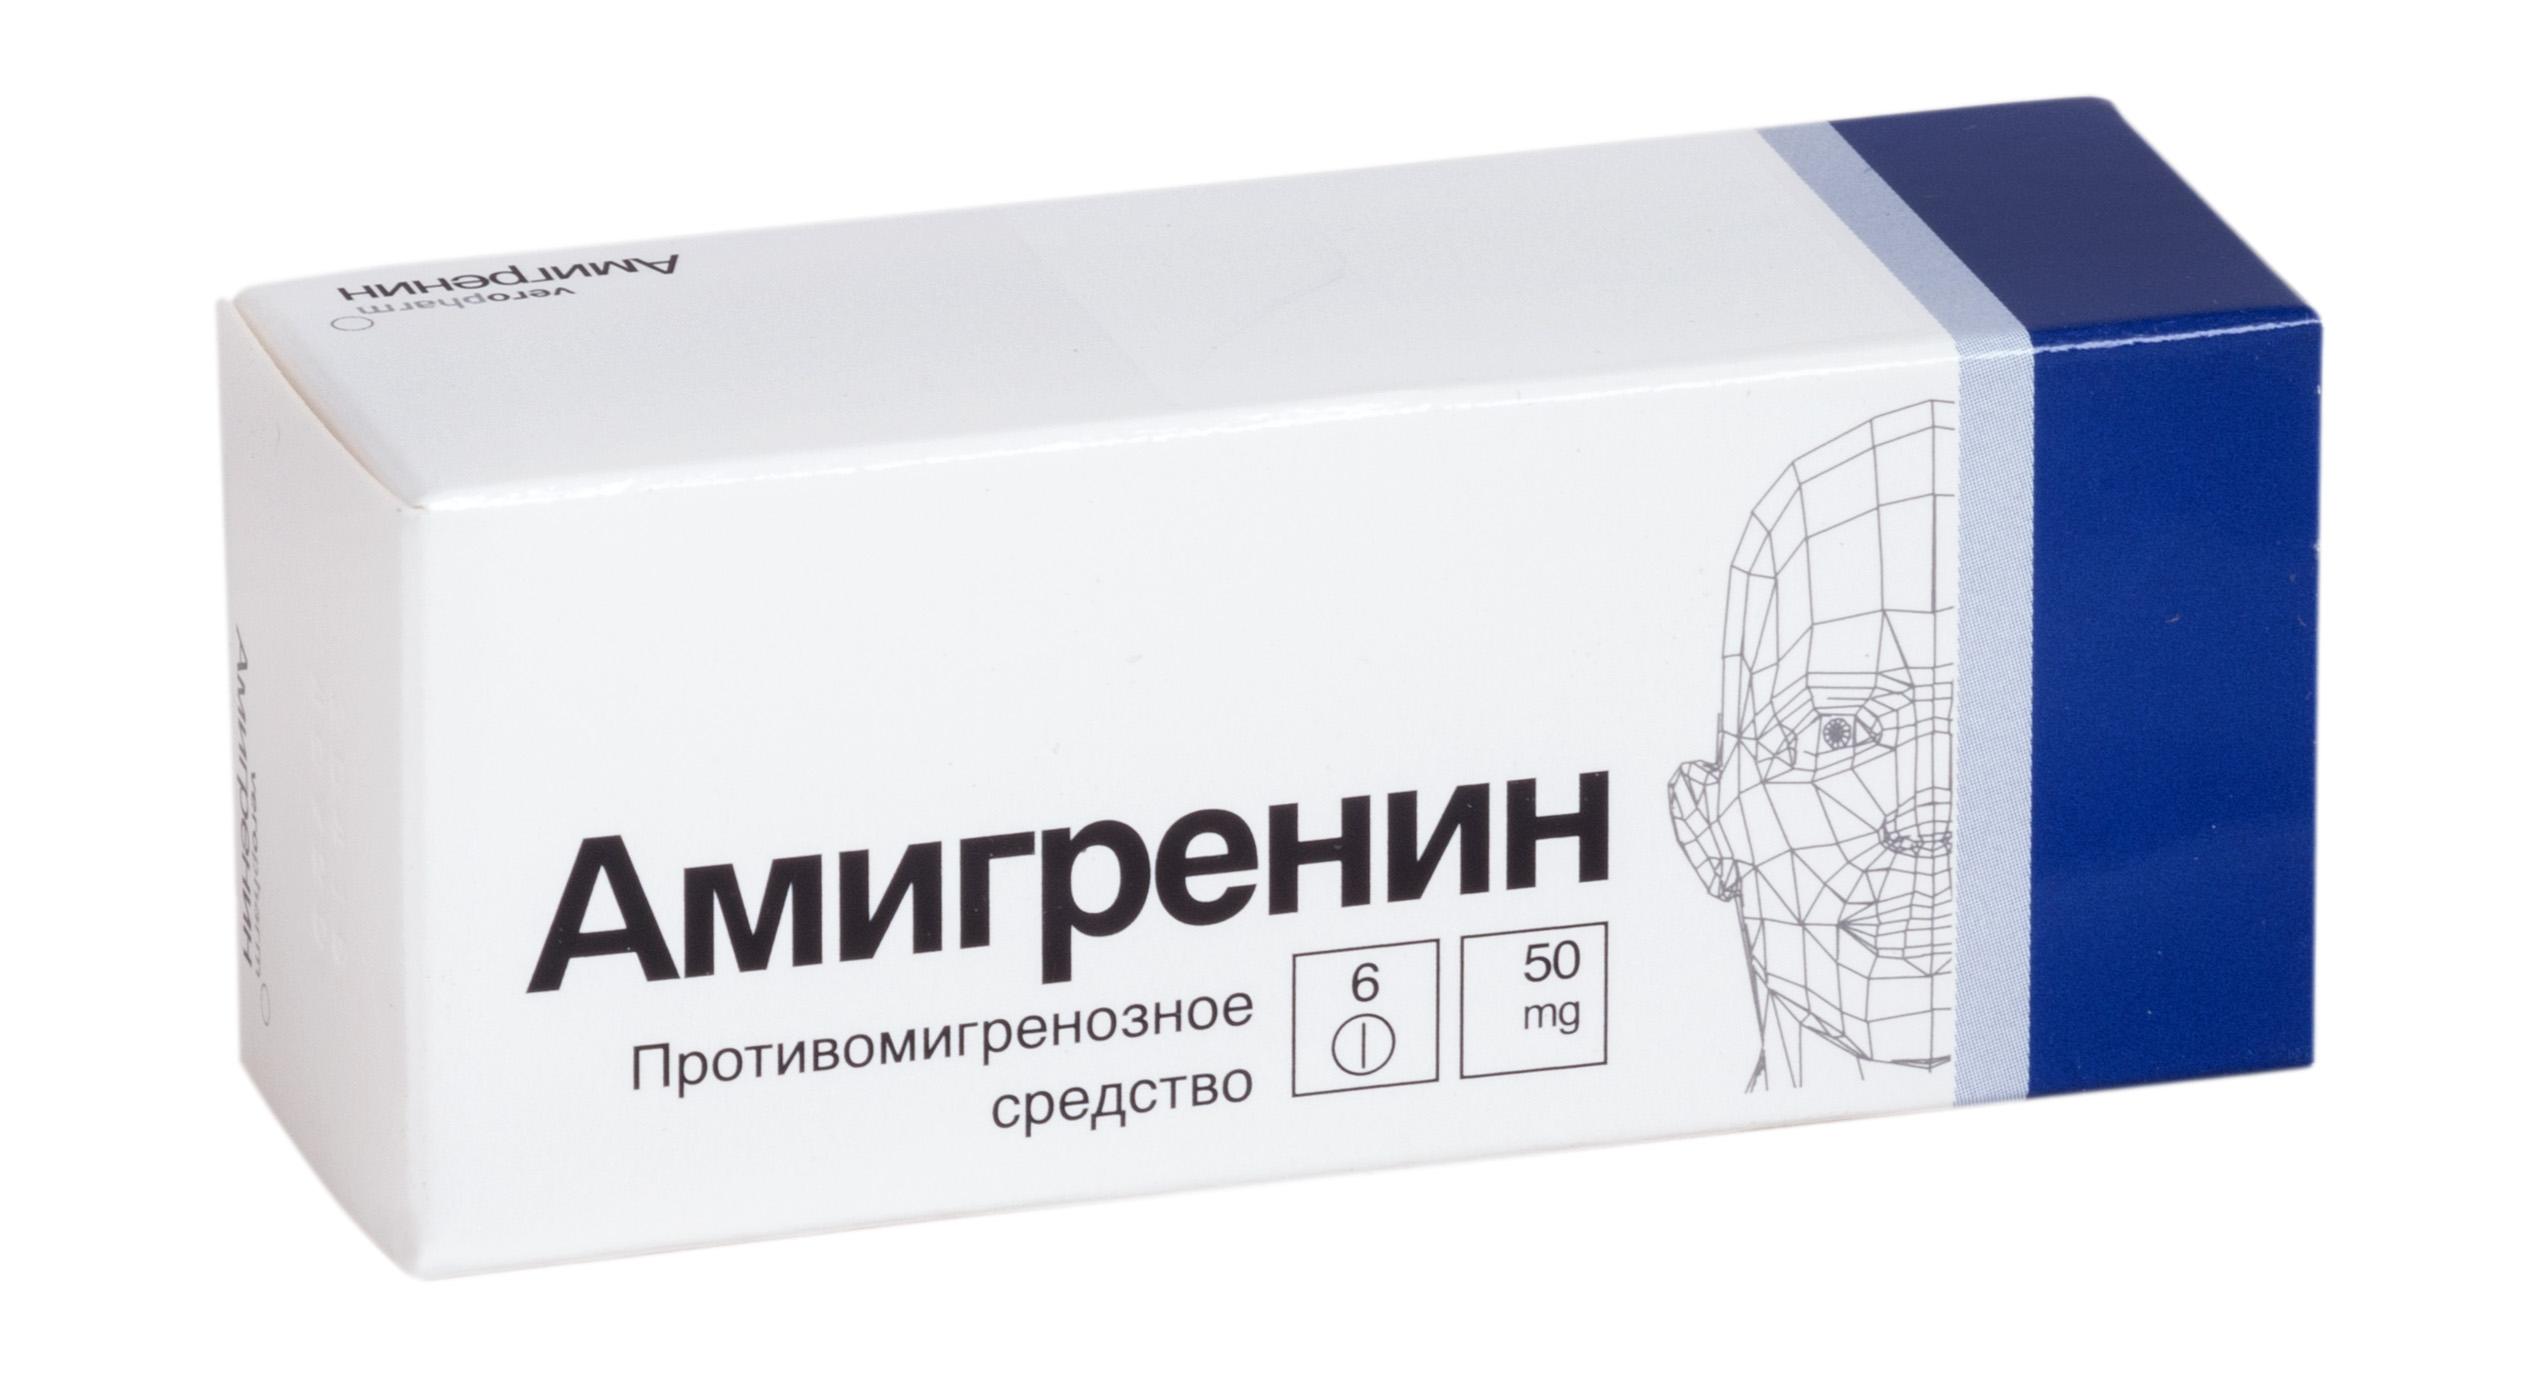 Амигренин таб. п.о 50мг n6